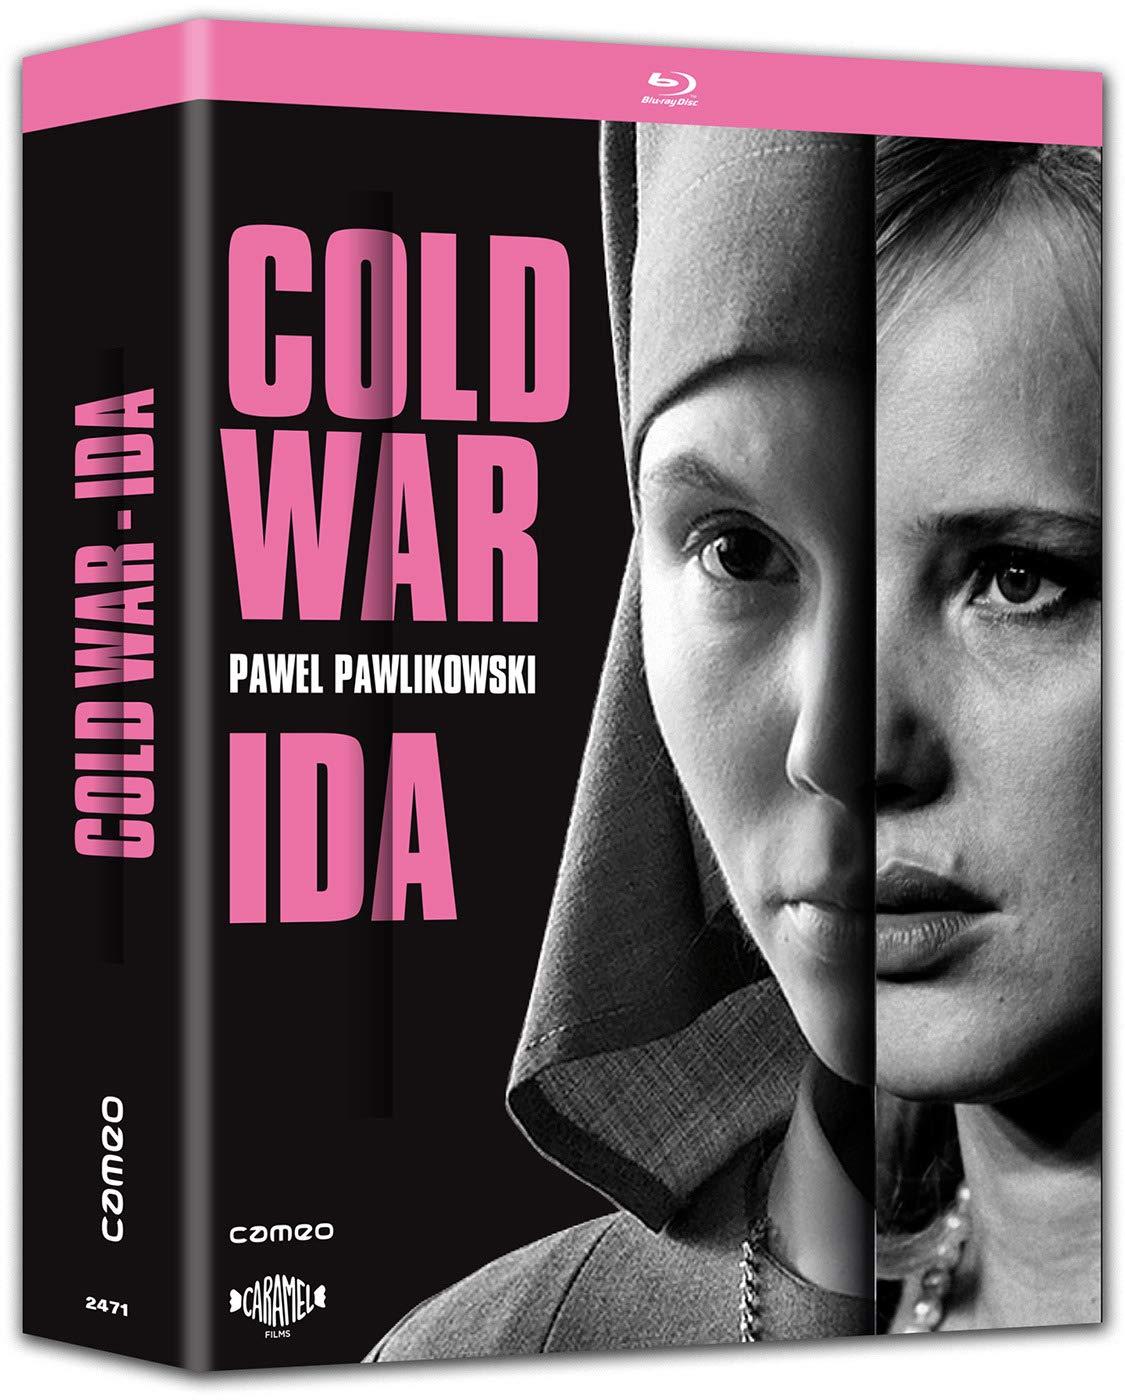 Pack Cold War + Ida - BD [Blu-ray]: Amazon.es: Joanna Kulig, Tomasz Kot, Agata Kulesza, Borys Szyc, Cédric Kahn, Jeanne Balibar, Adam Woronowicz, Adam Ferency, Adam Szyszkowski, Pawel Pawlikowski, Joanna Kulig, Tomasz